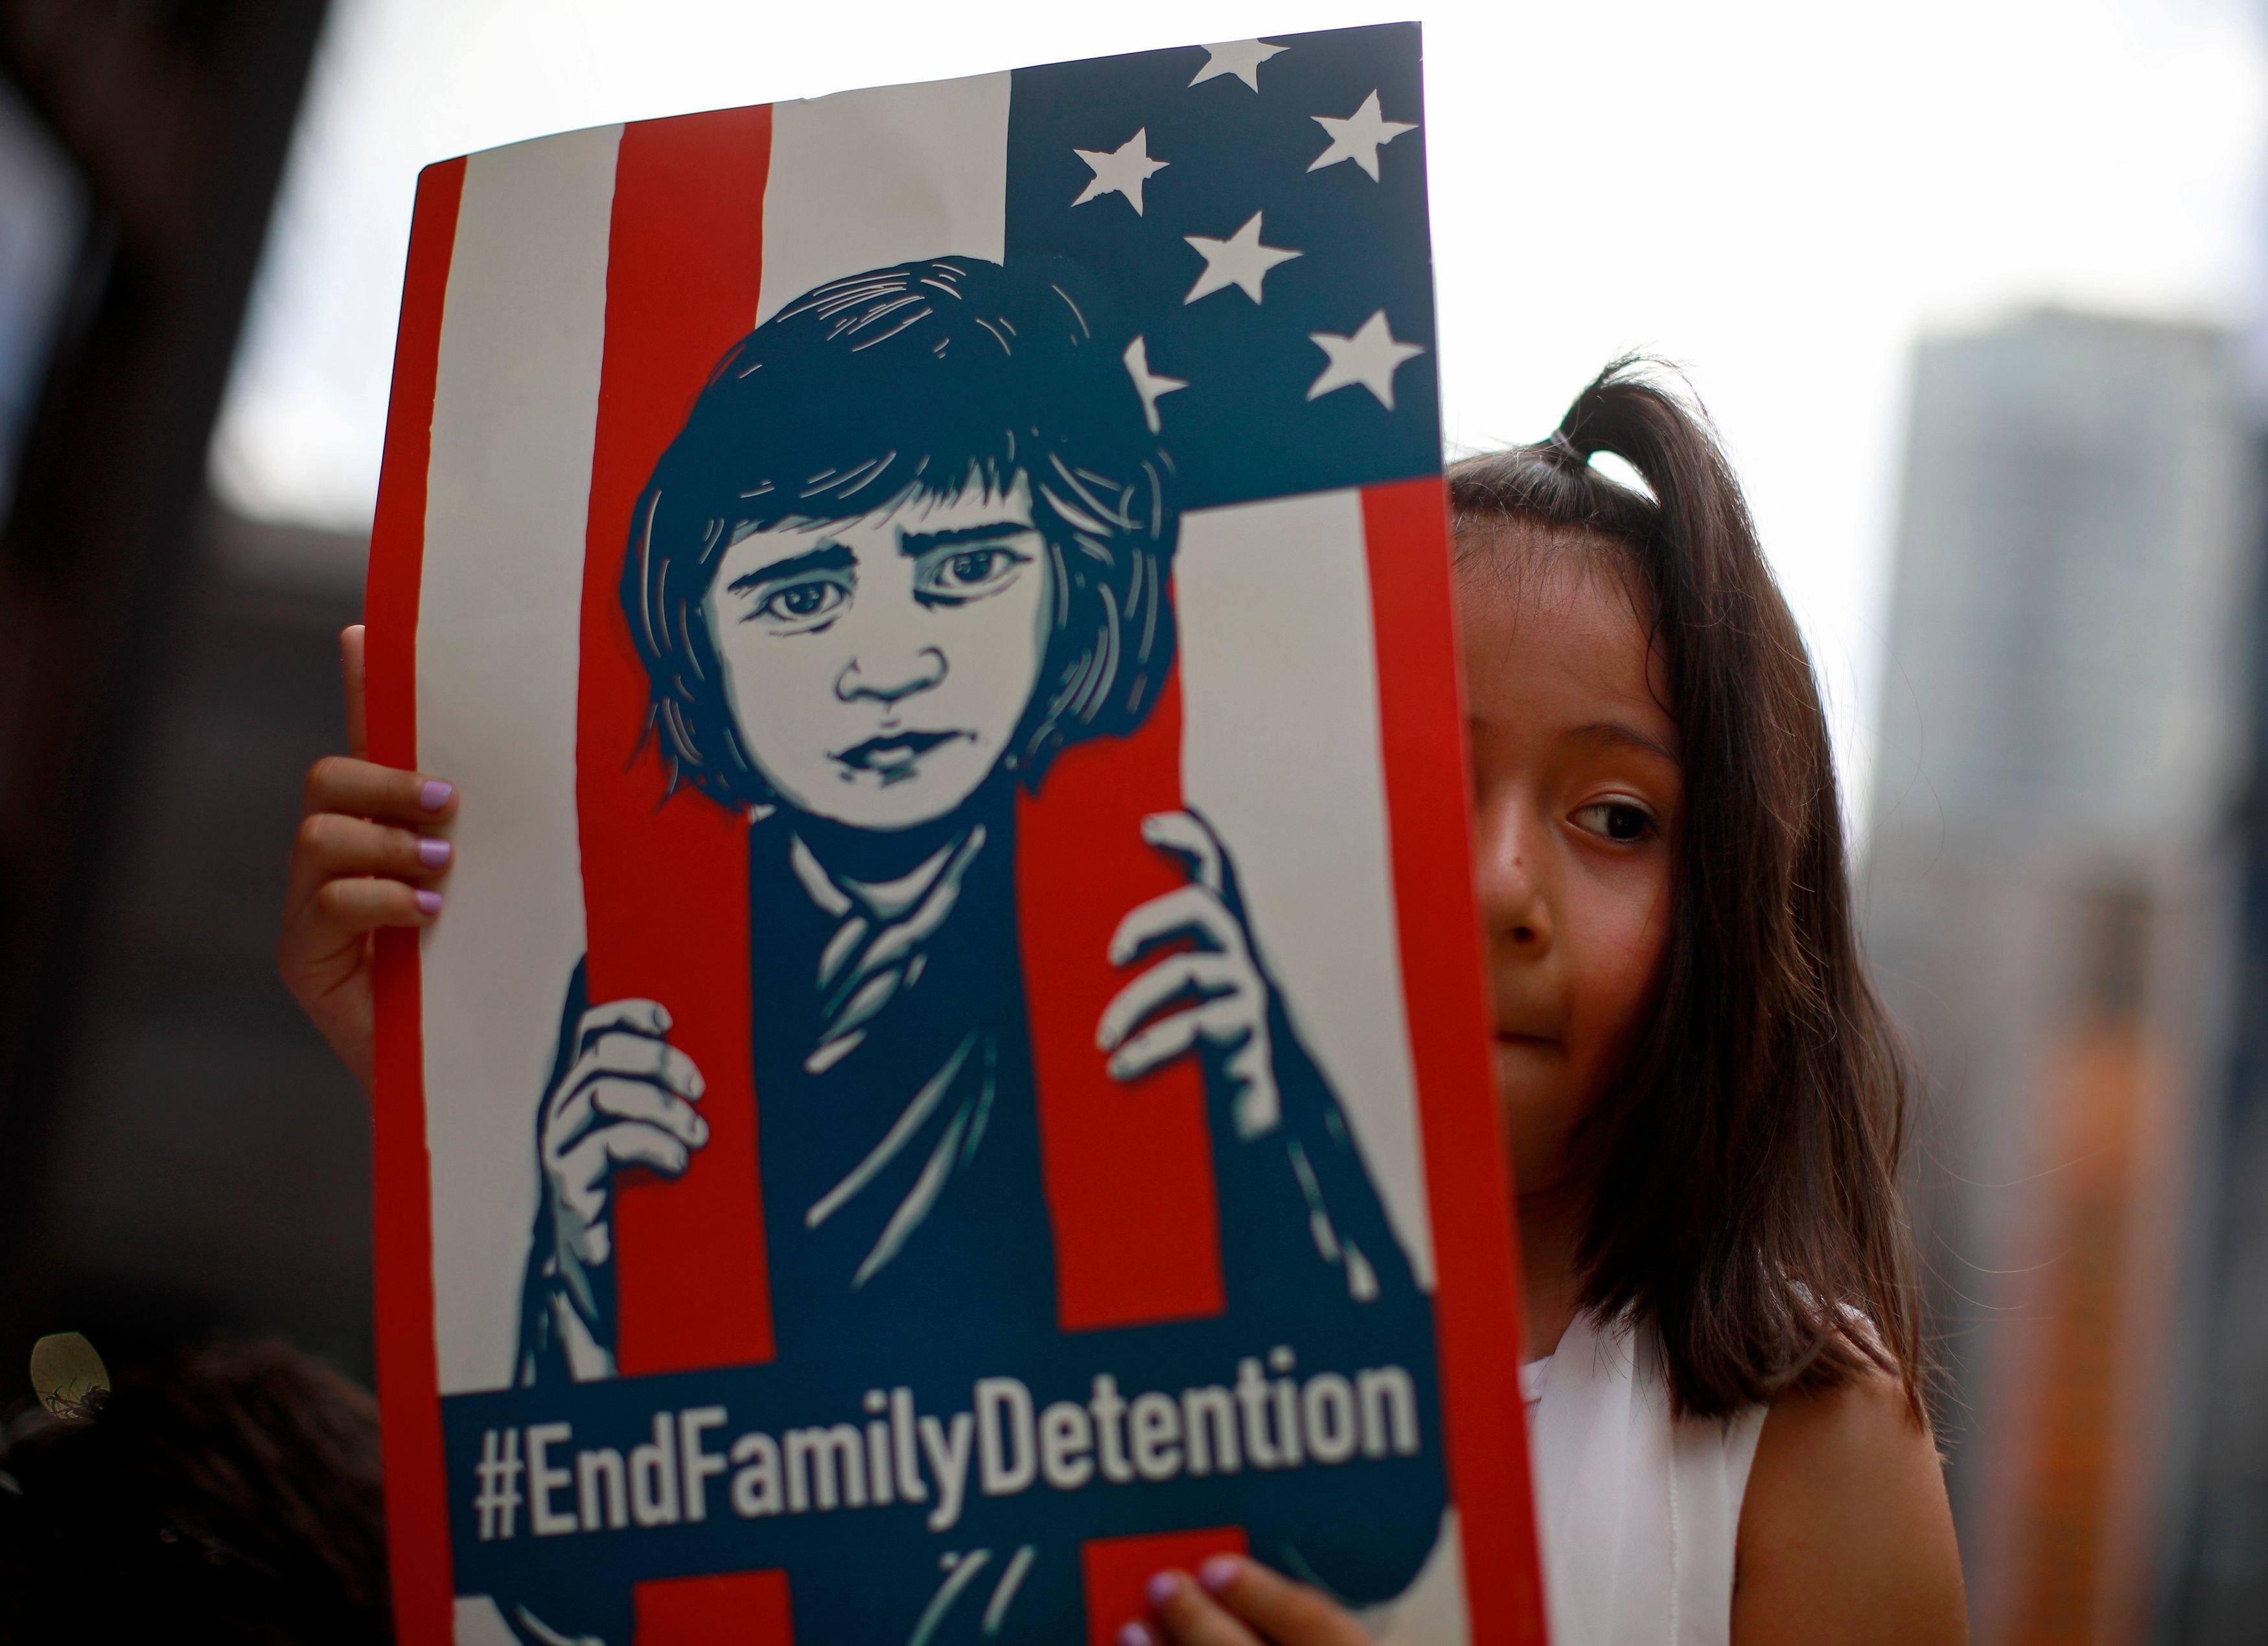 «Απαράδεκτη» η καθυστέρηση της διαδικασίας επανένωση παιδιών μεταναστών με τους γονείς τους, λέει ομοσπονδιακός δικαστής στις